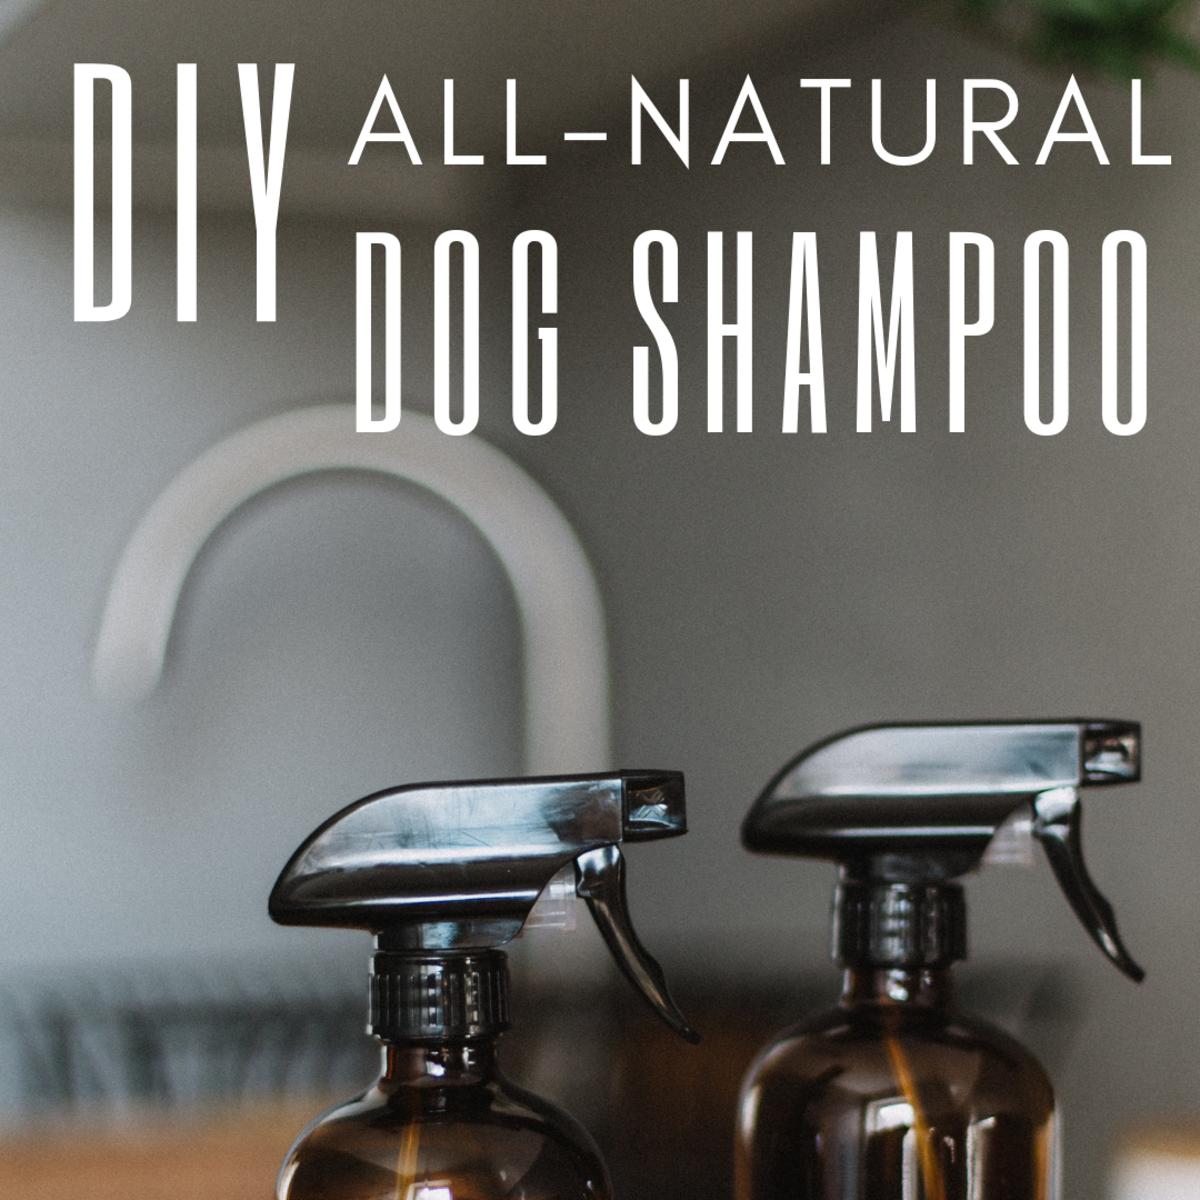 All-Natural Homemade Dog Shampoo Recipe